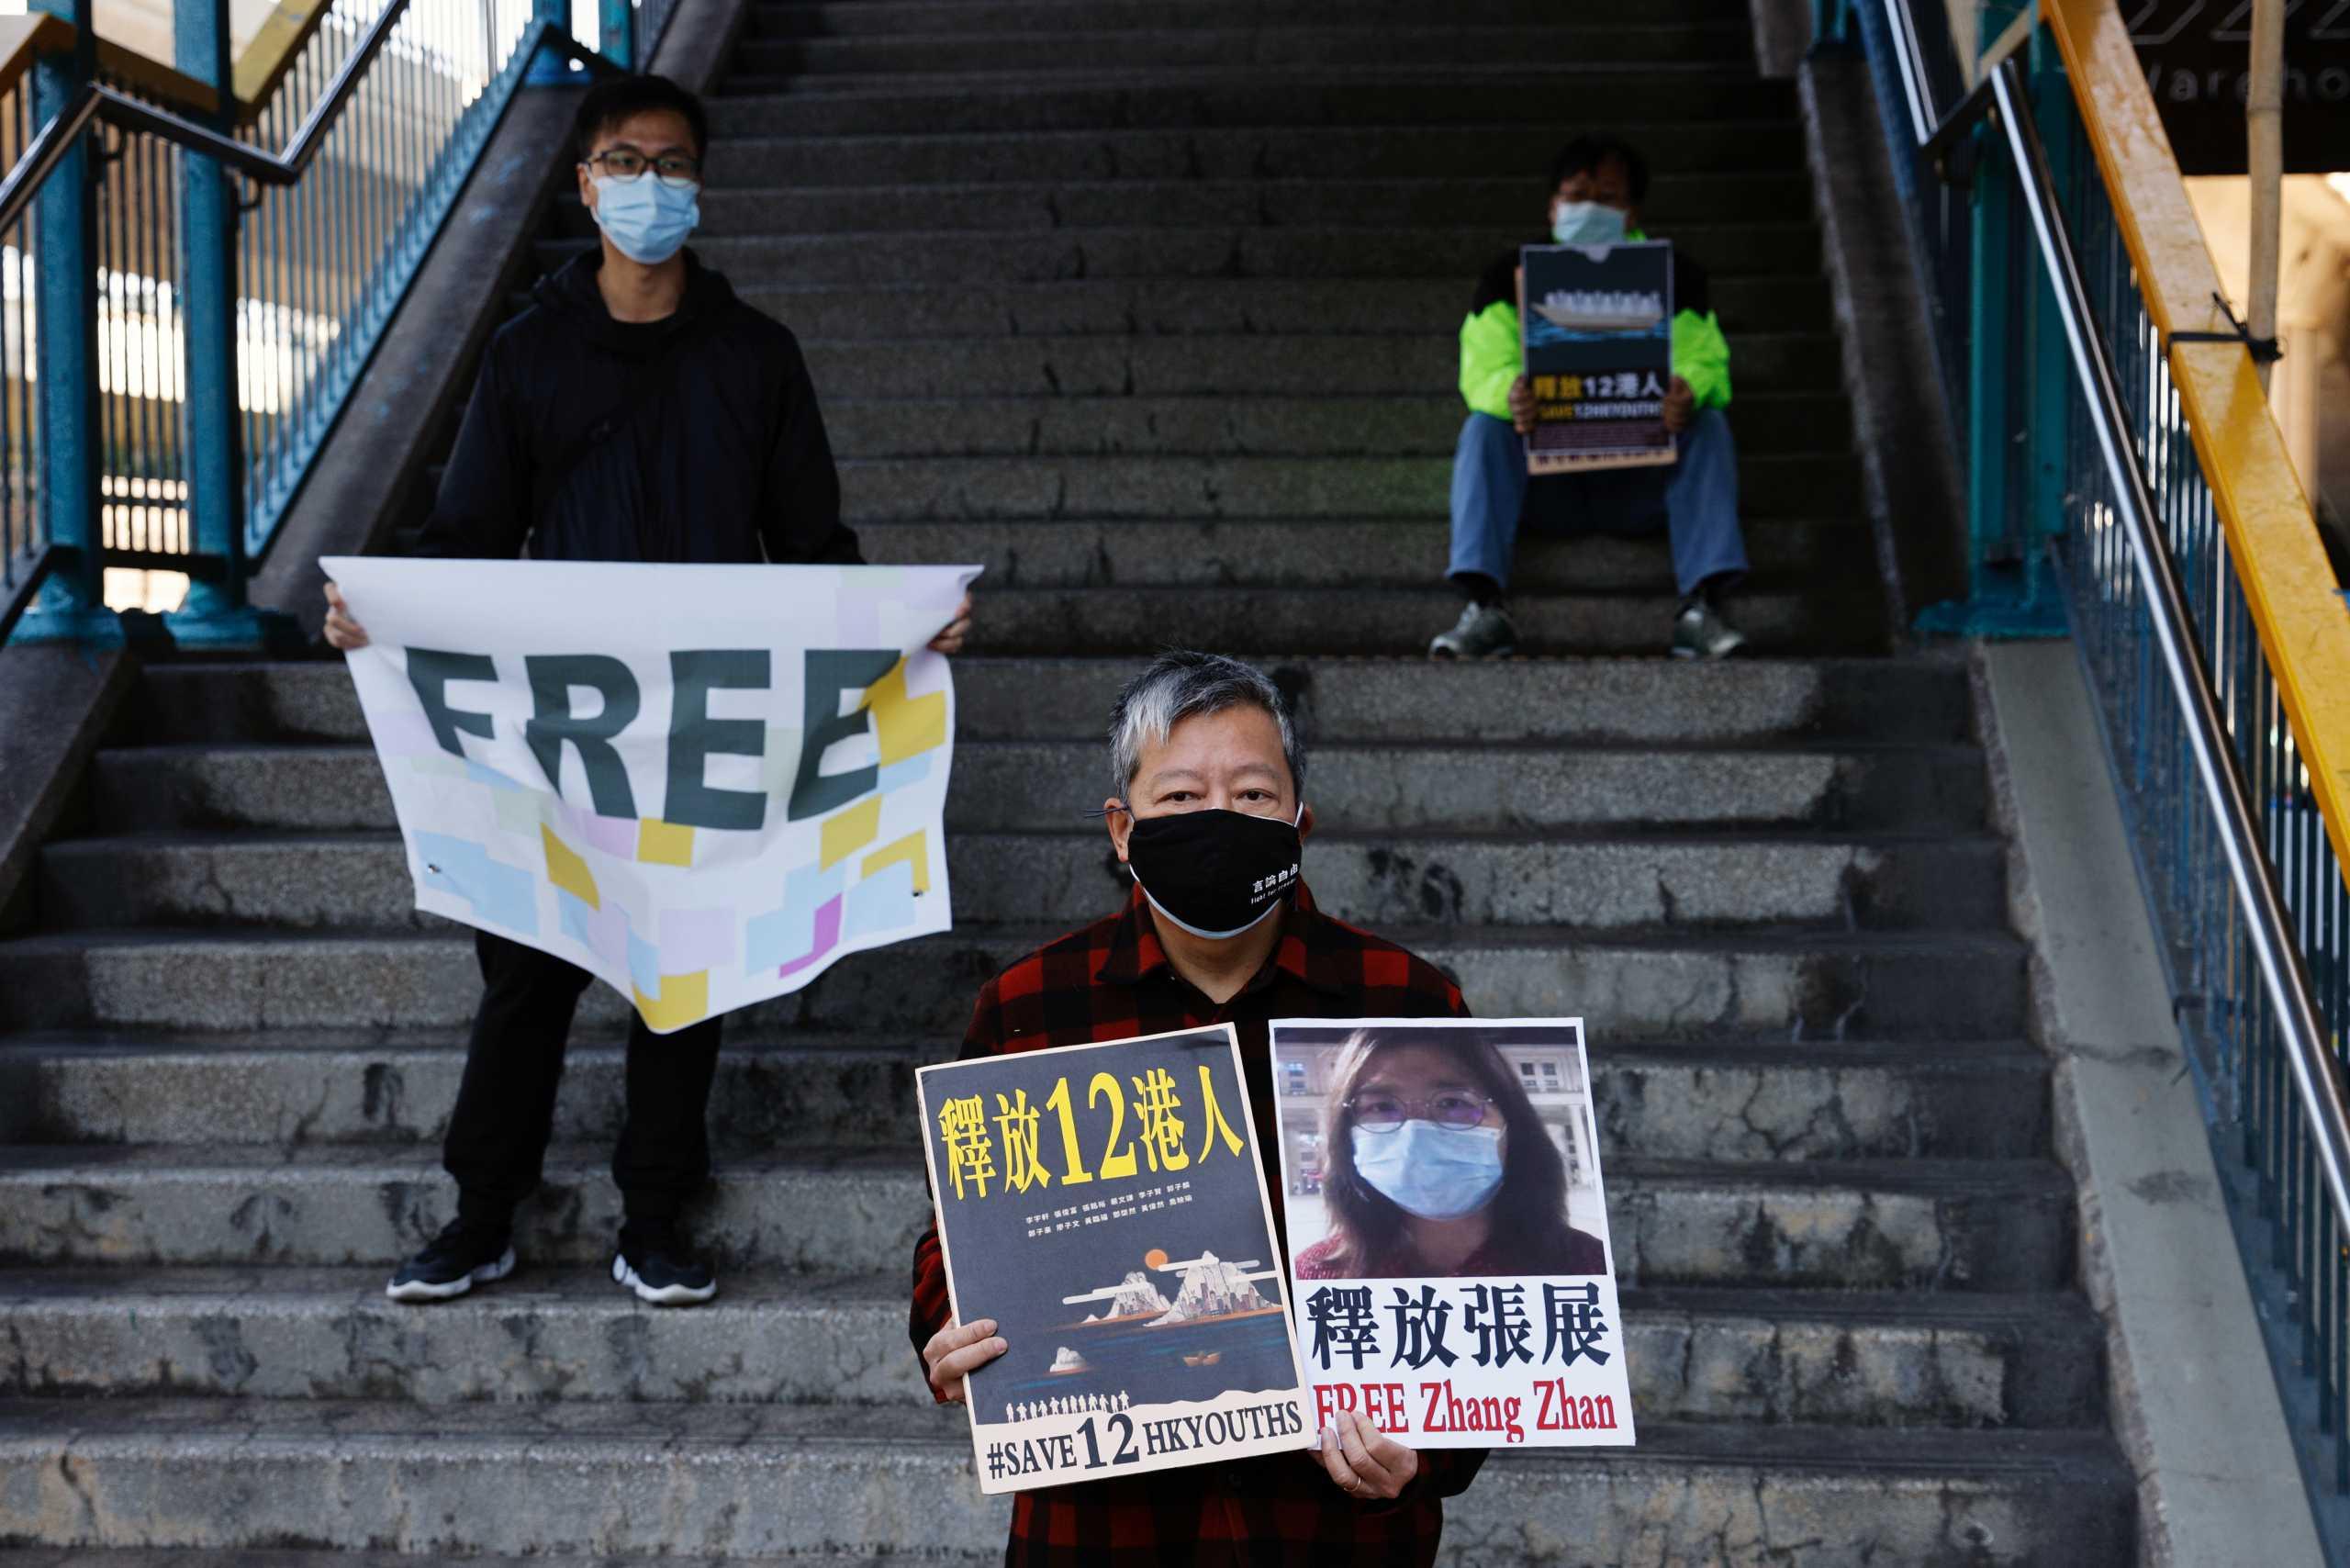 Επίθεση ΕΕ στην Κίνα για τη φυλάκιση δημοσιογράφου που κάλυπτε την πανδημία στη Γουχάν